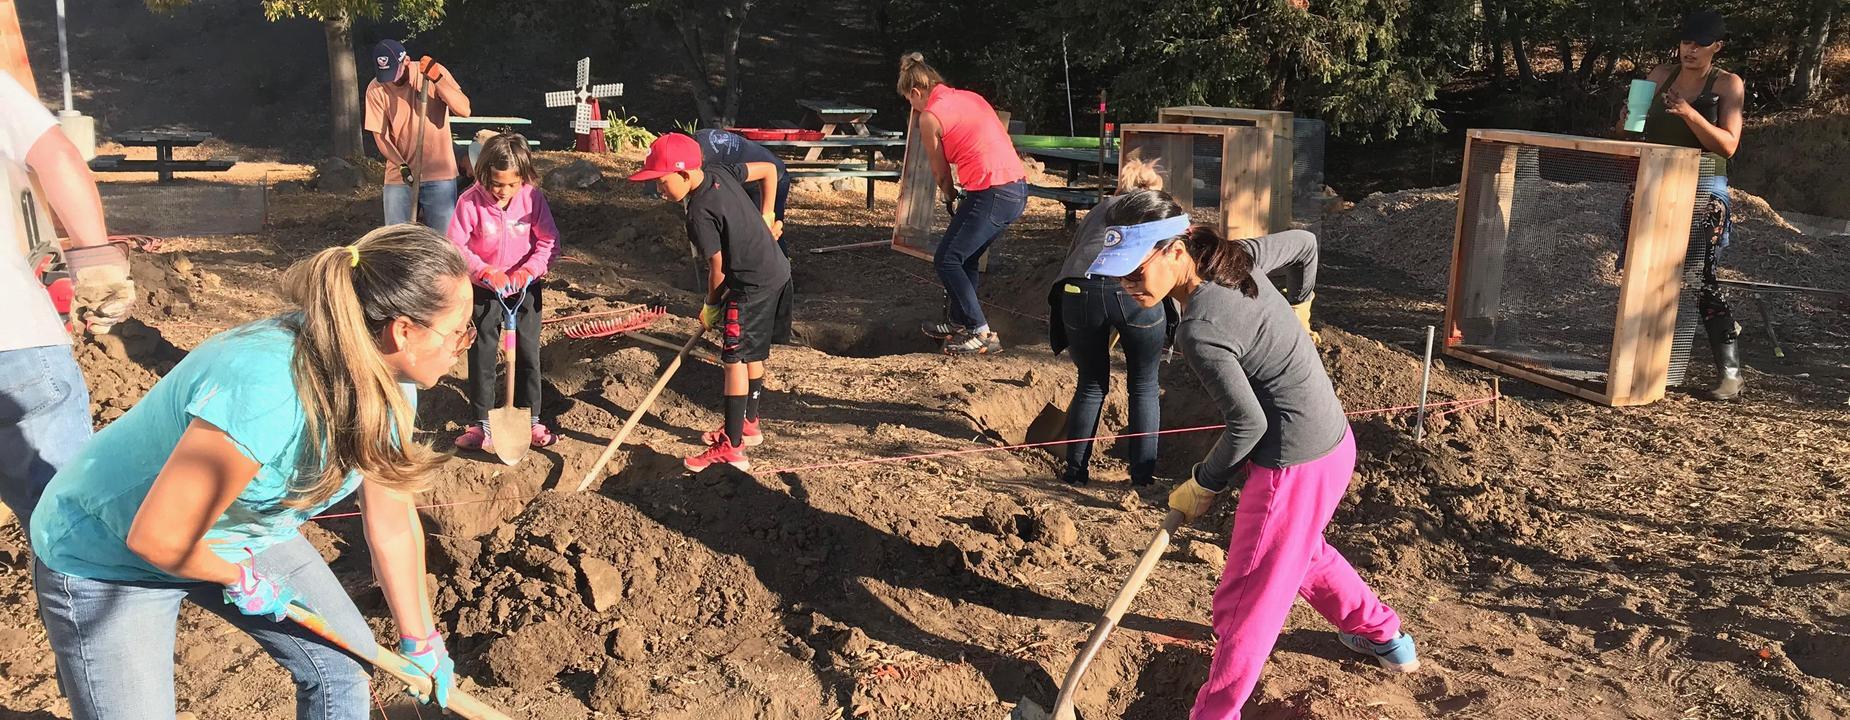 proctor school garden project